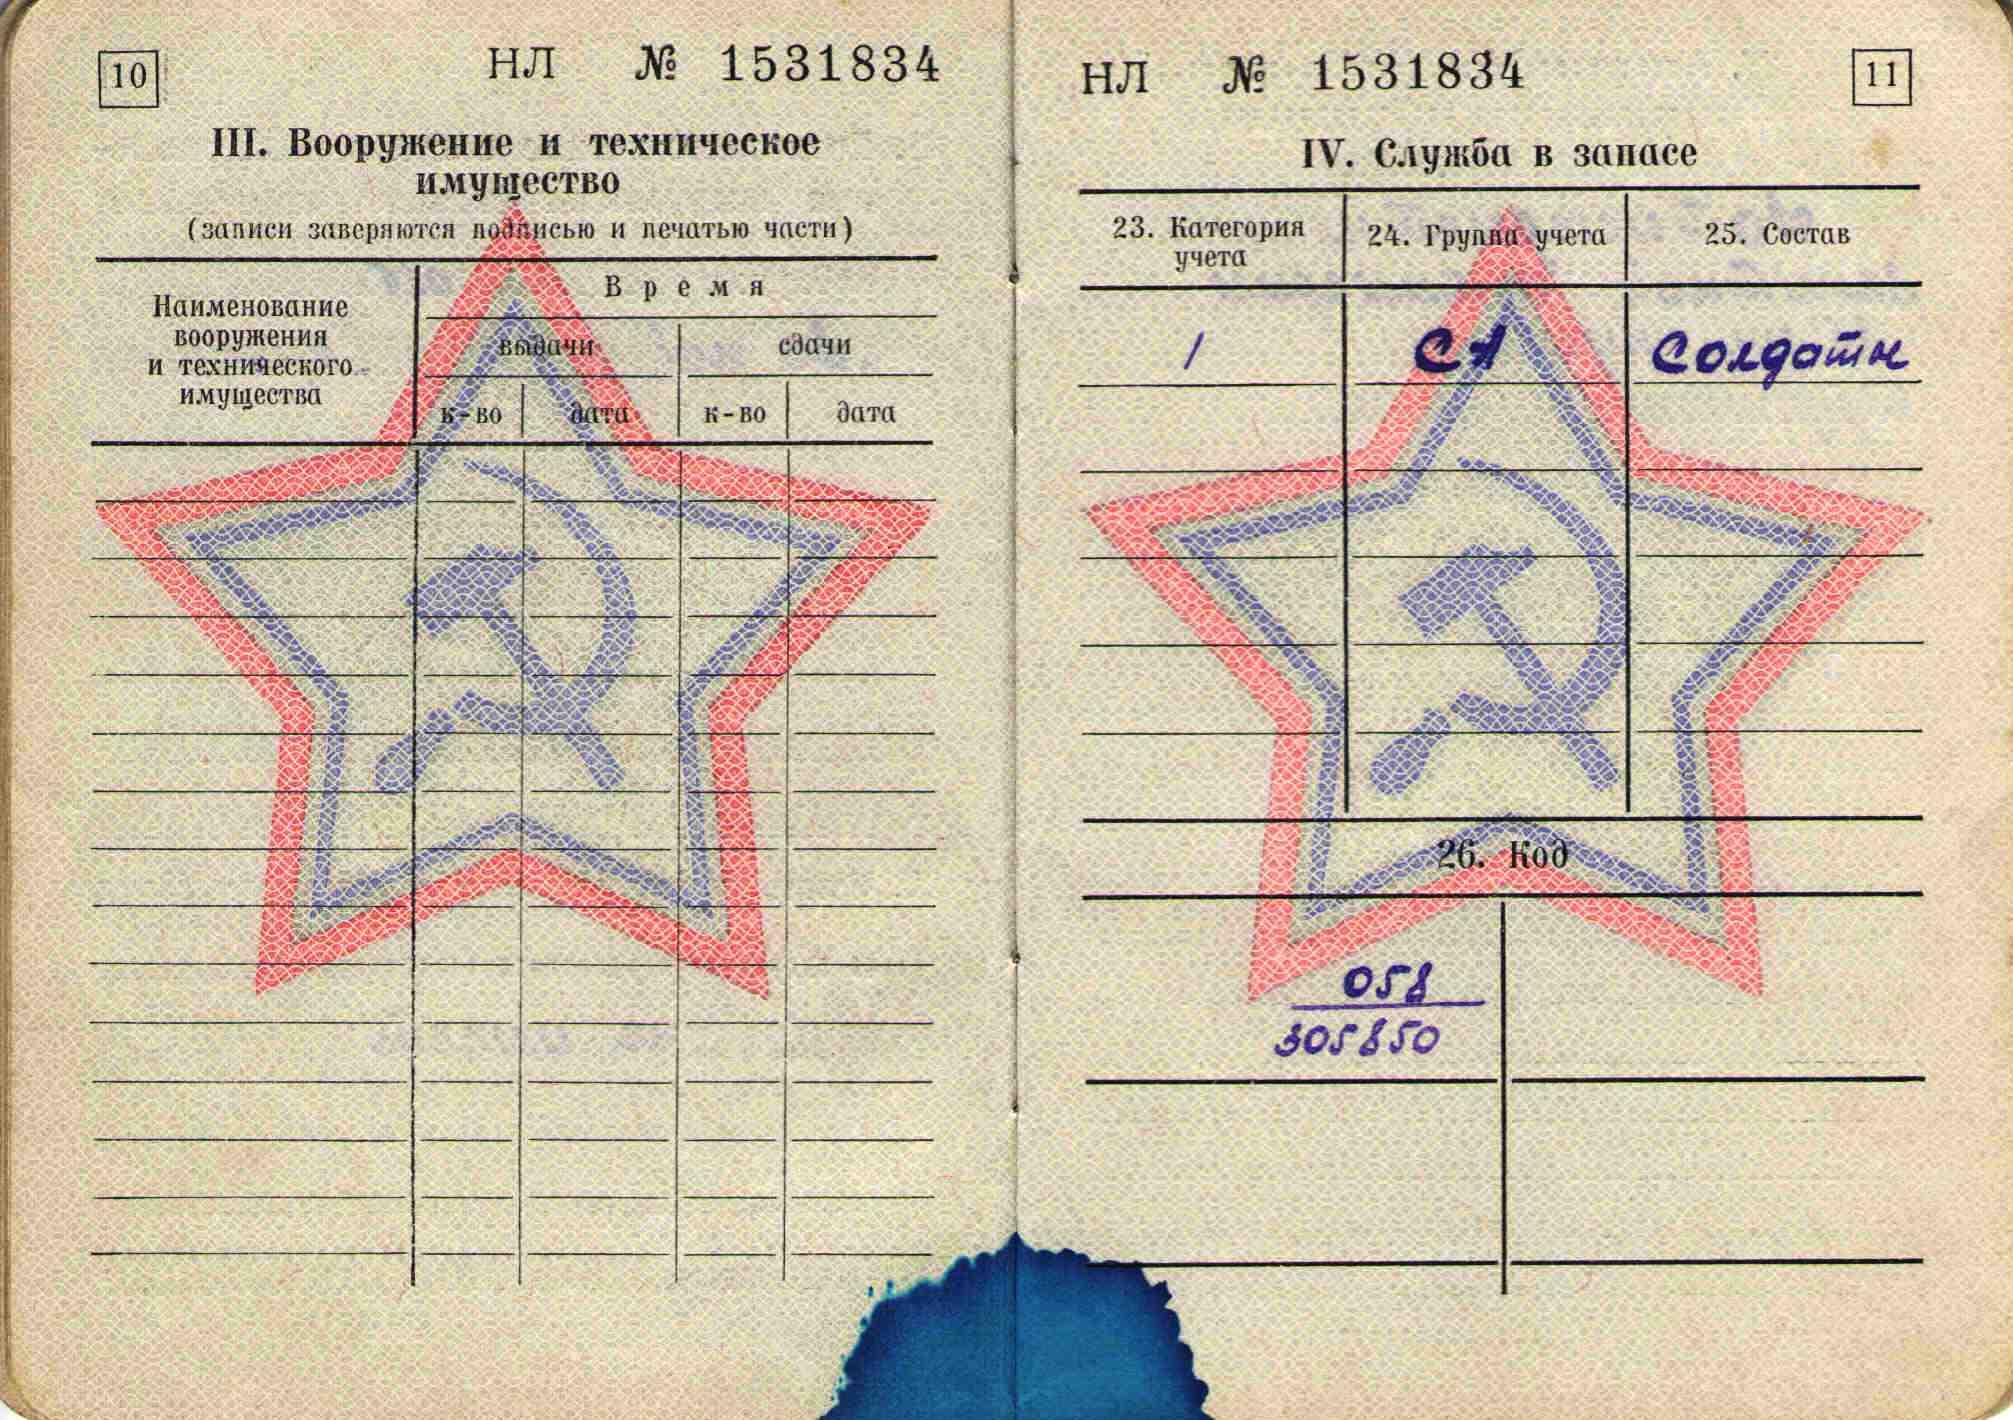 33. Военный билет, 1964